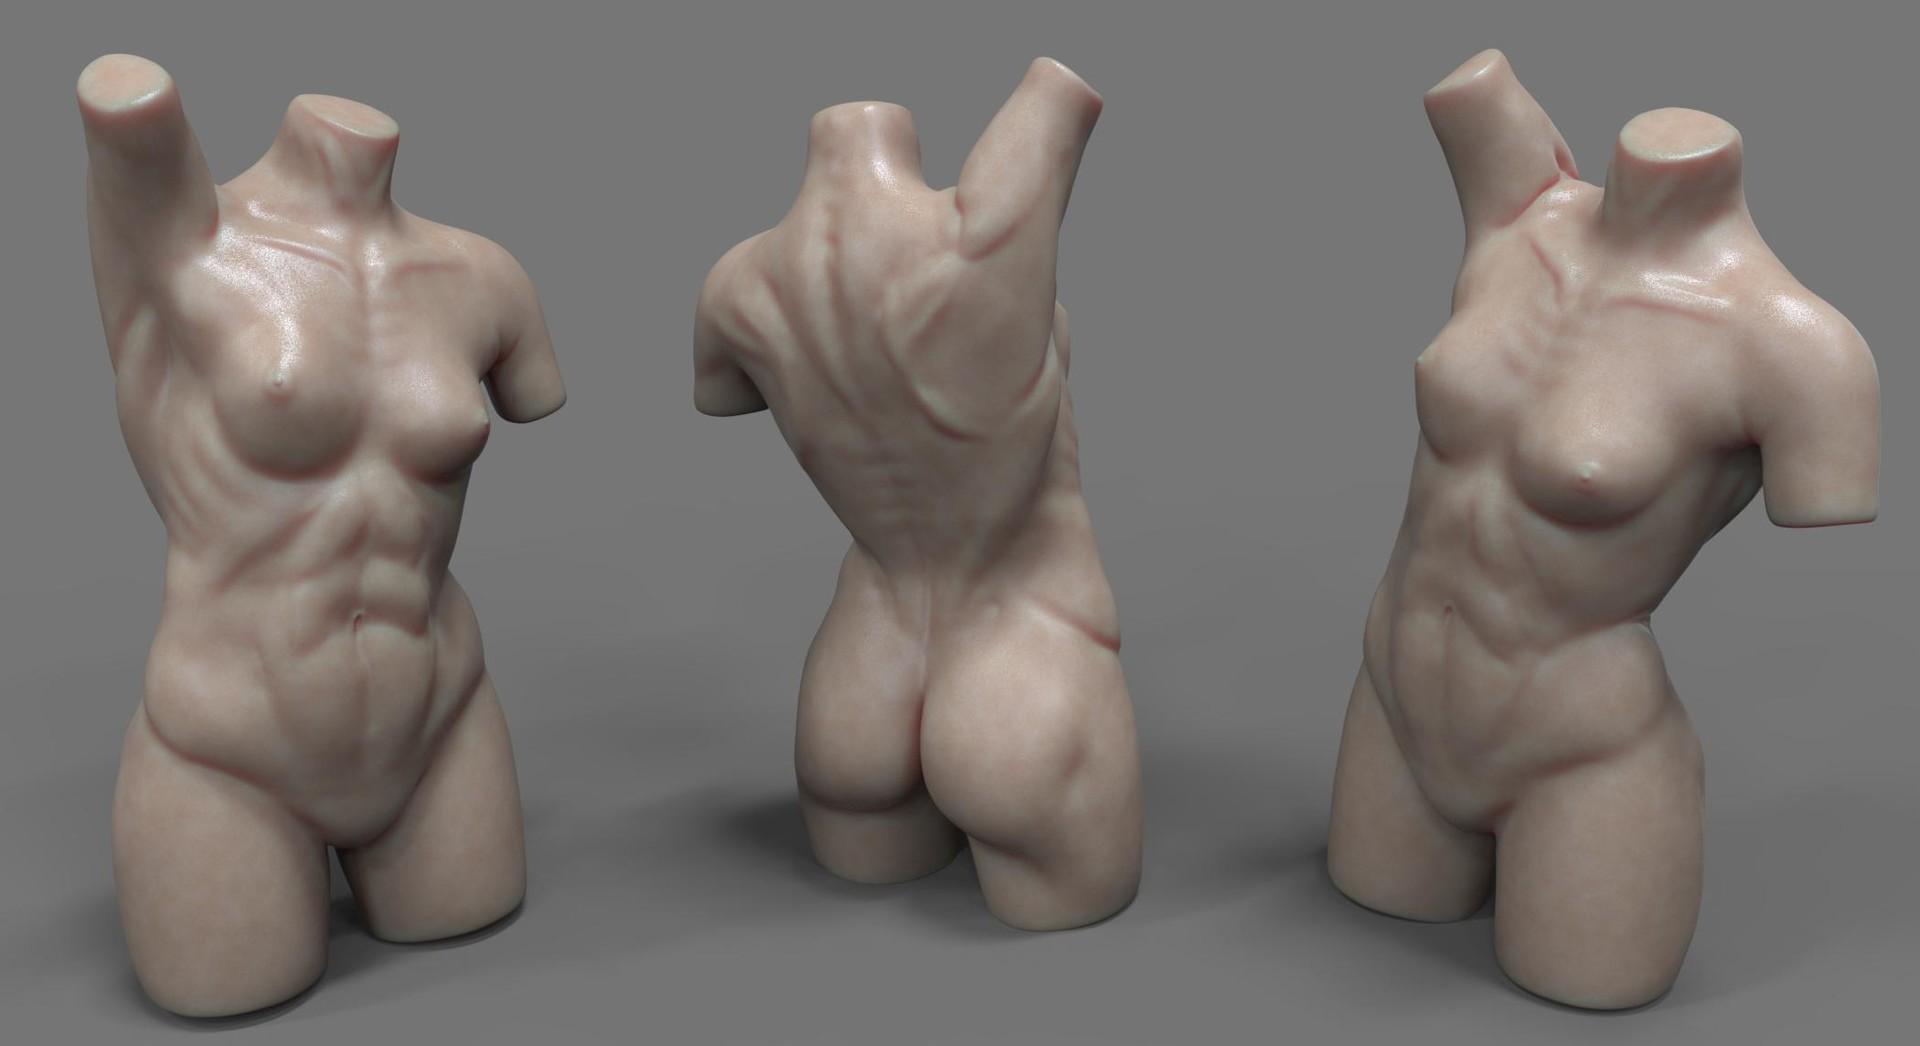 ArtStation - Female Anatomy Study, Moritz Schneider